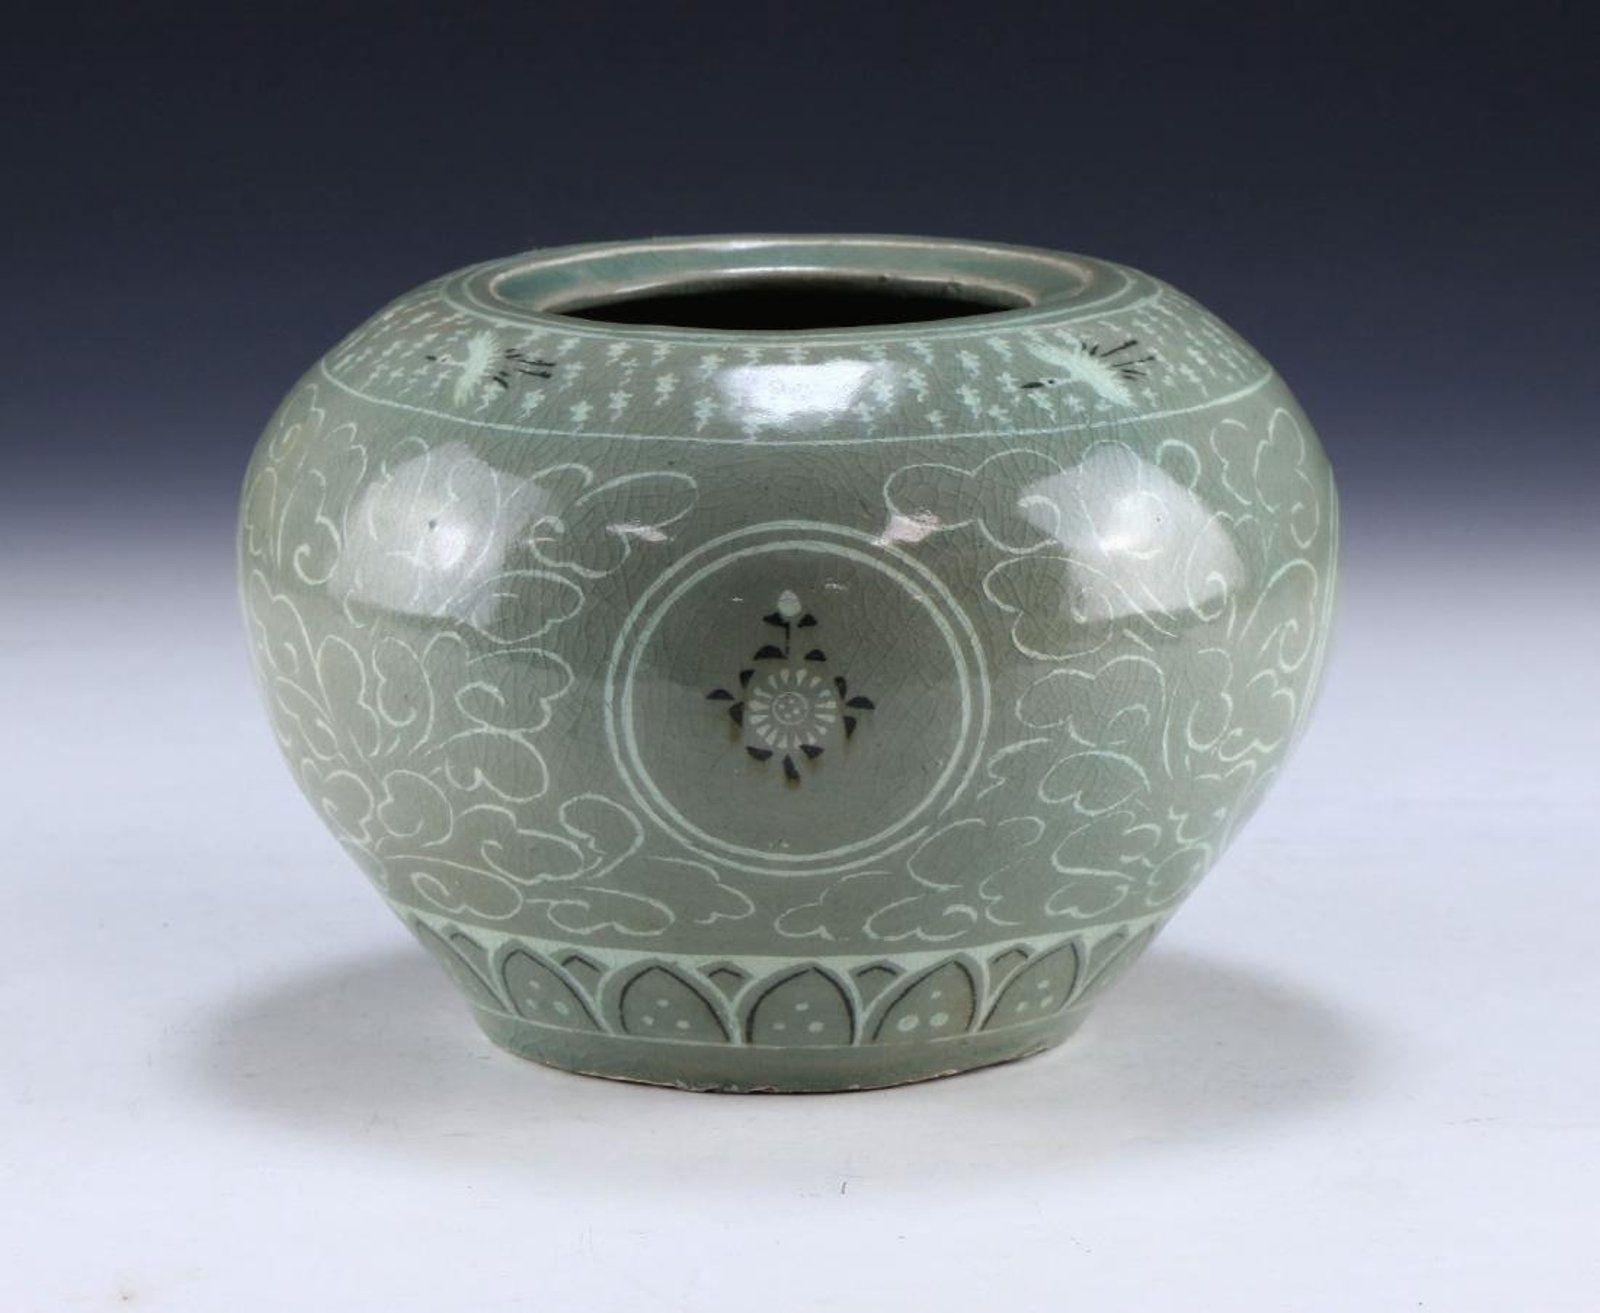 goryeo celadon vase of a korean antique celadon glazed porcelain jar historic ceramic art with regard to a korean antique celadon glazed porcelain jar